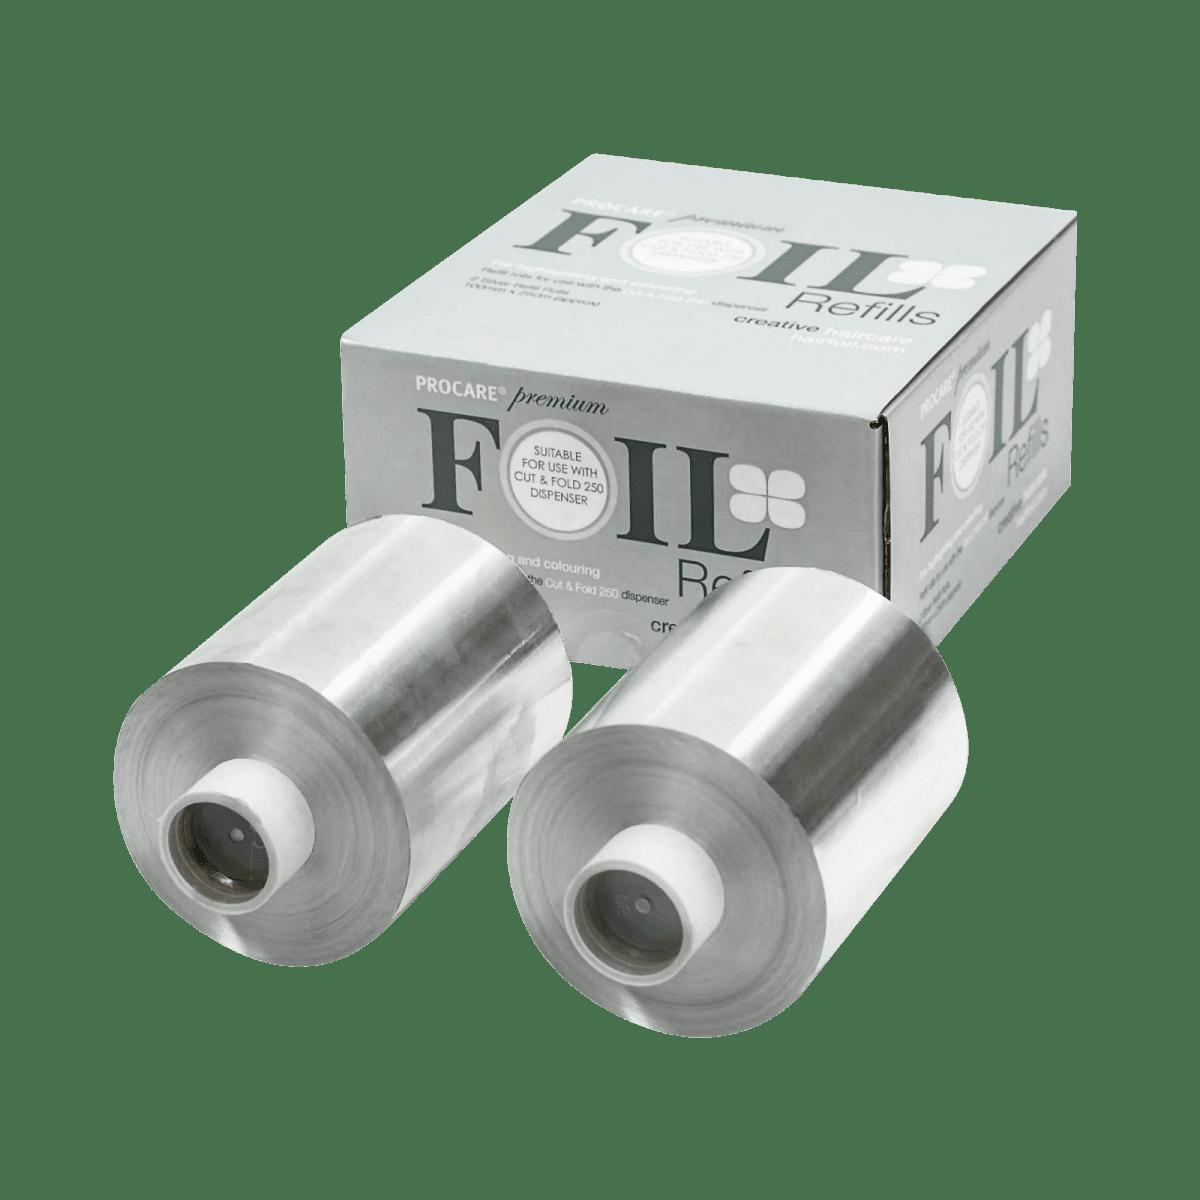 Procare silver refils